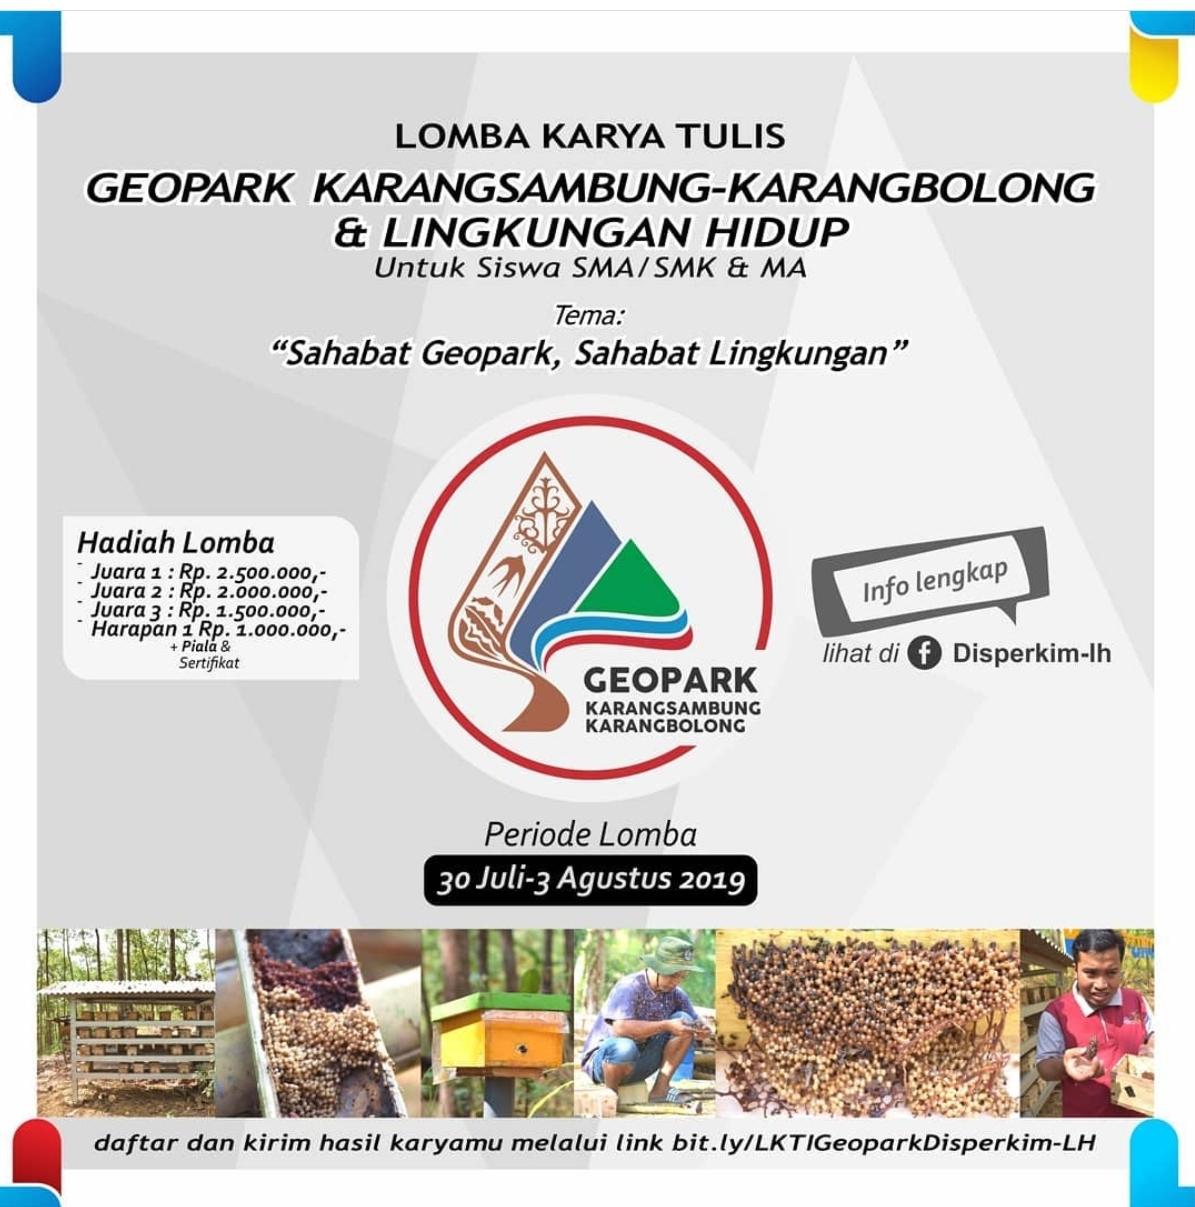 Disperkim LH Kebumen Gelar Lomba Karya Tulis Ilmiah Berhadiah Total Rp 7 Juta